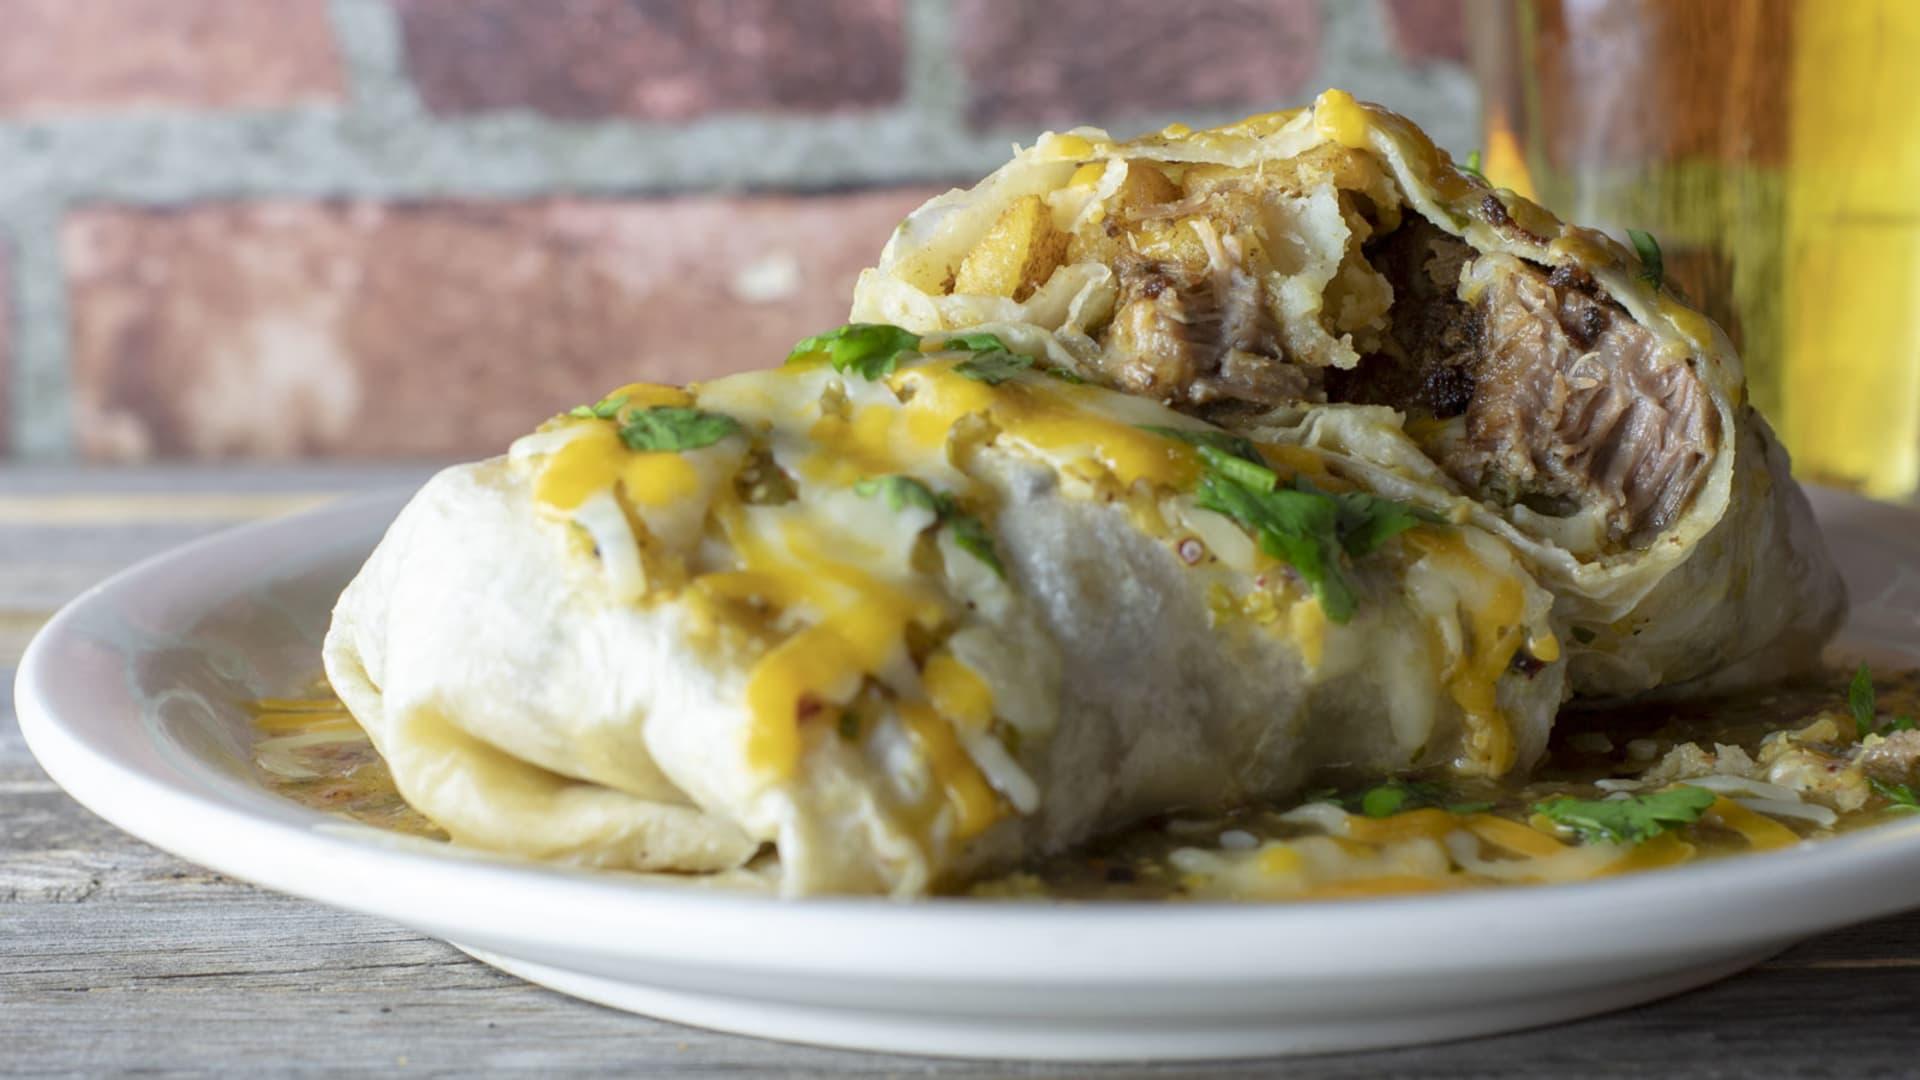 Sunday Monster Pork Wet Burrito